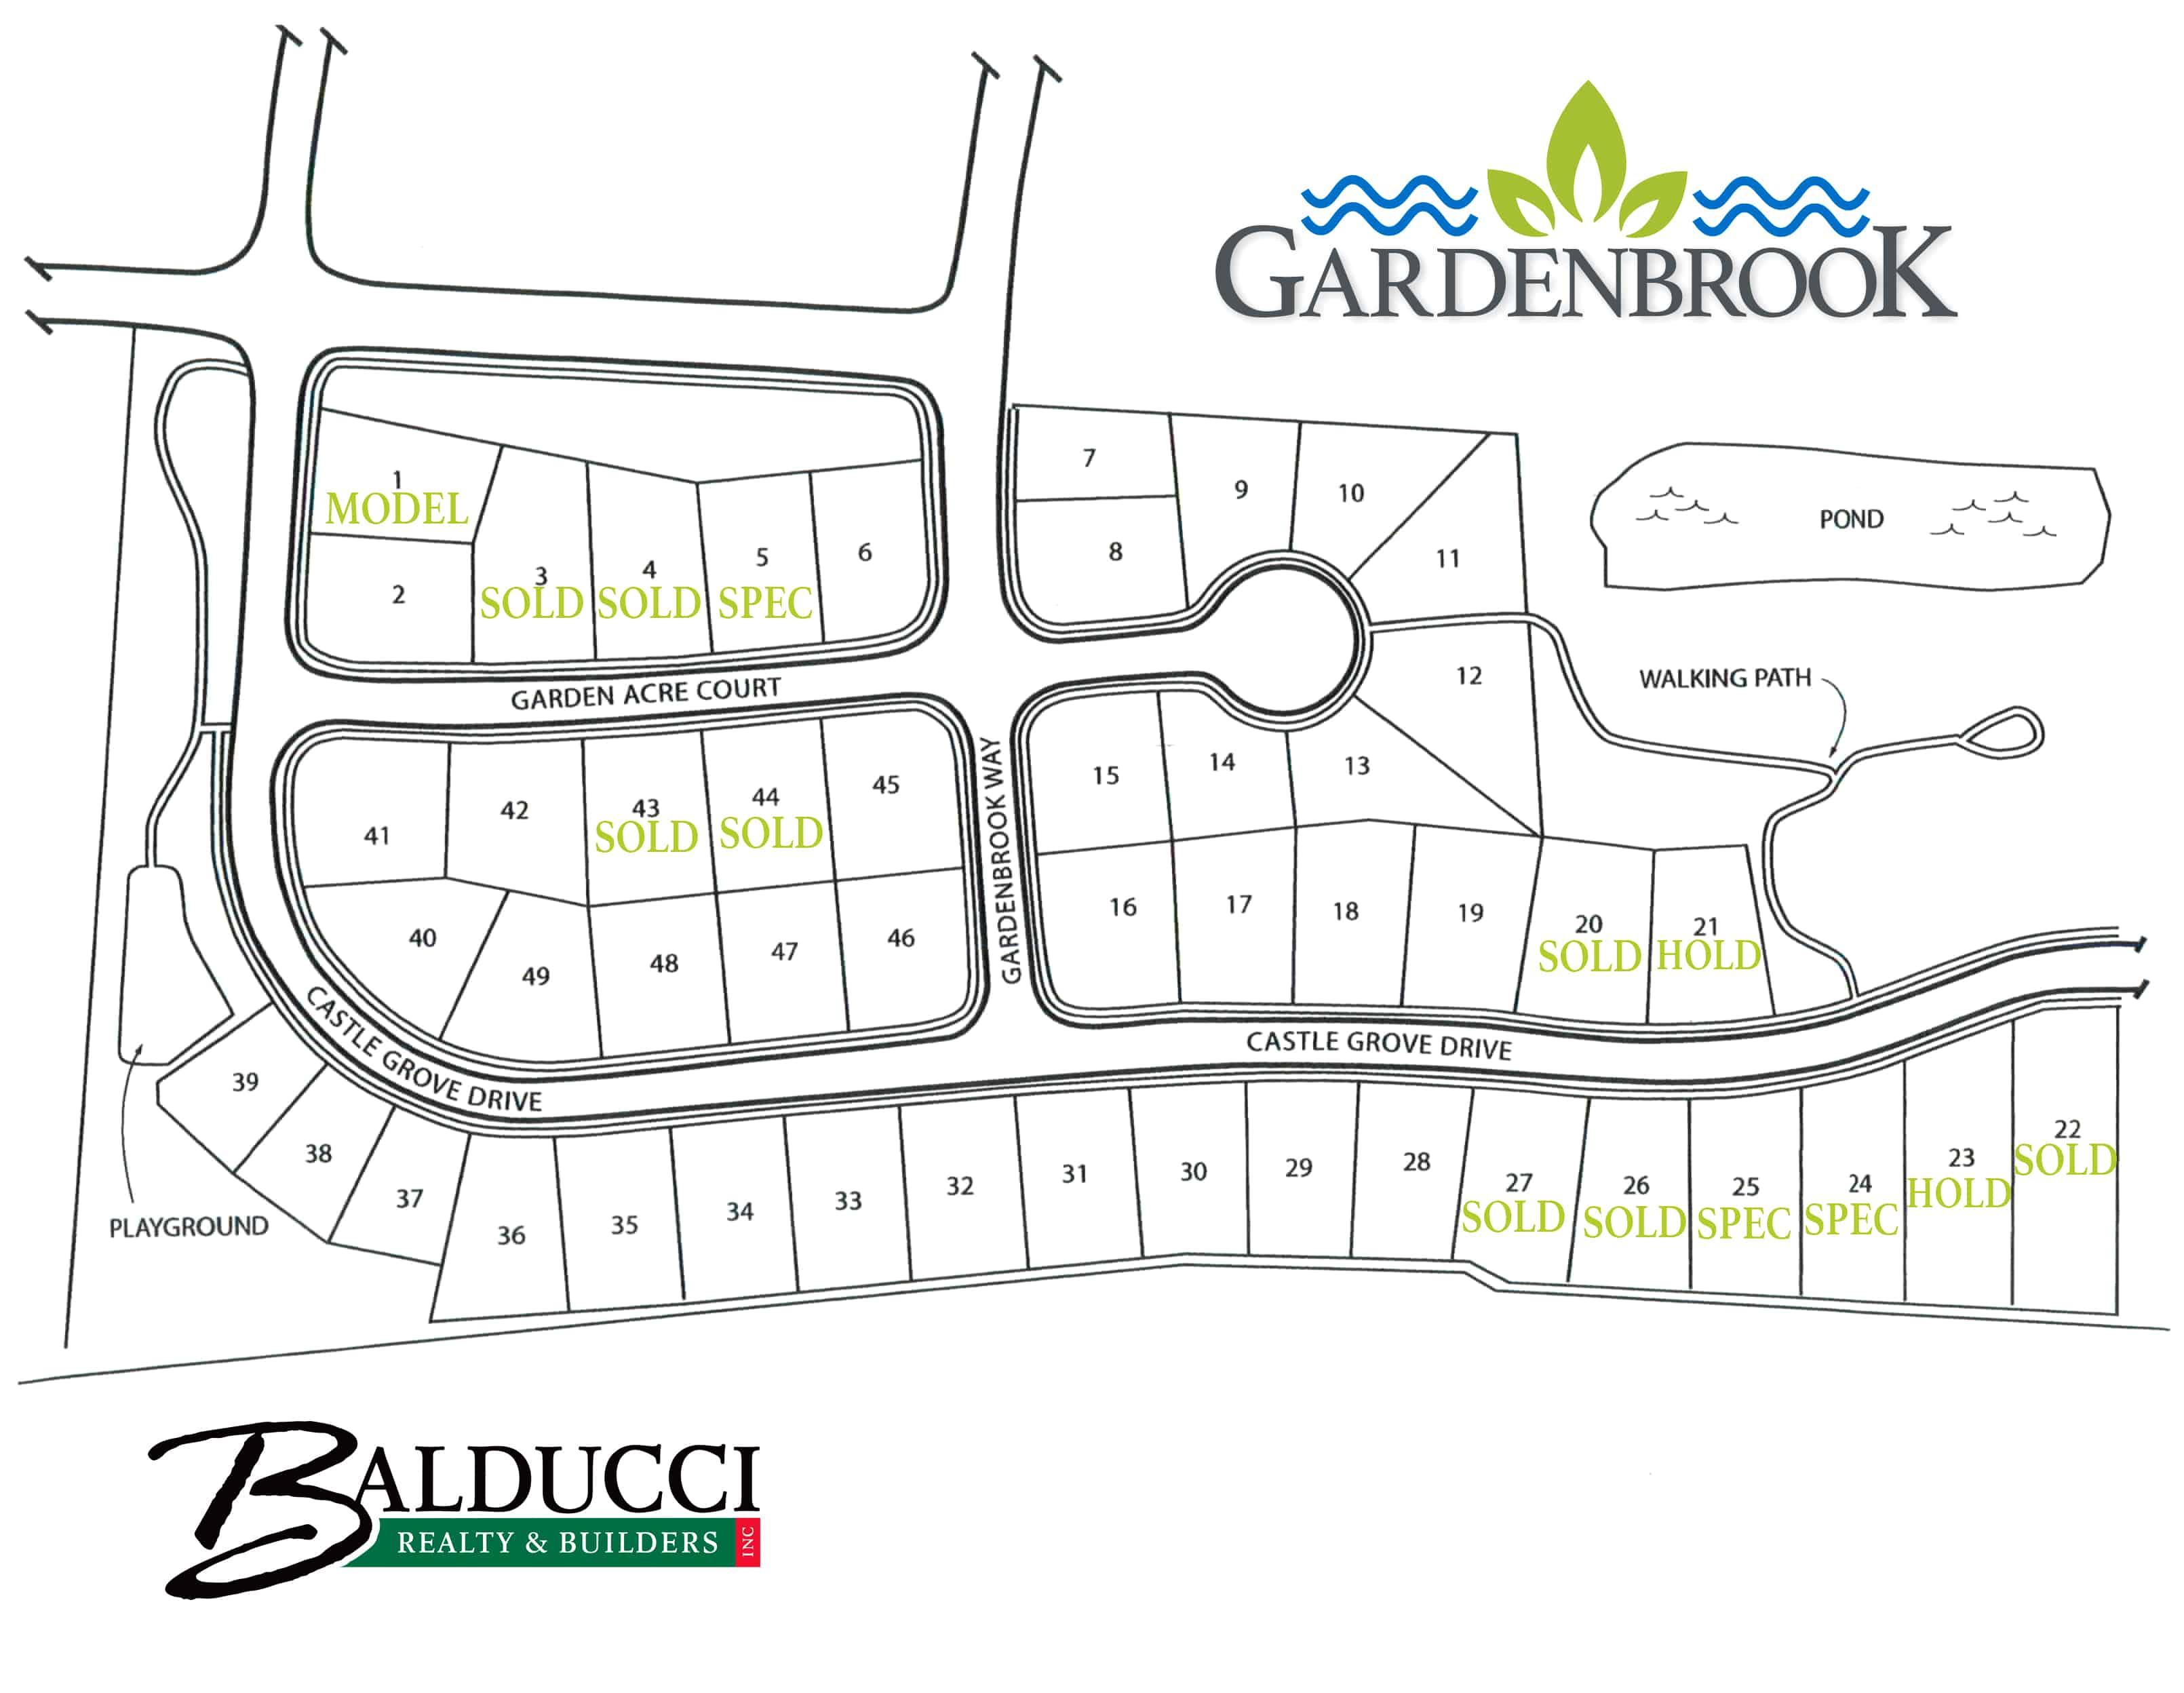 gardenbrook  custom built homes in mechanicsville